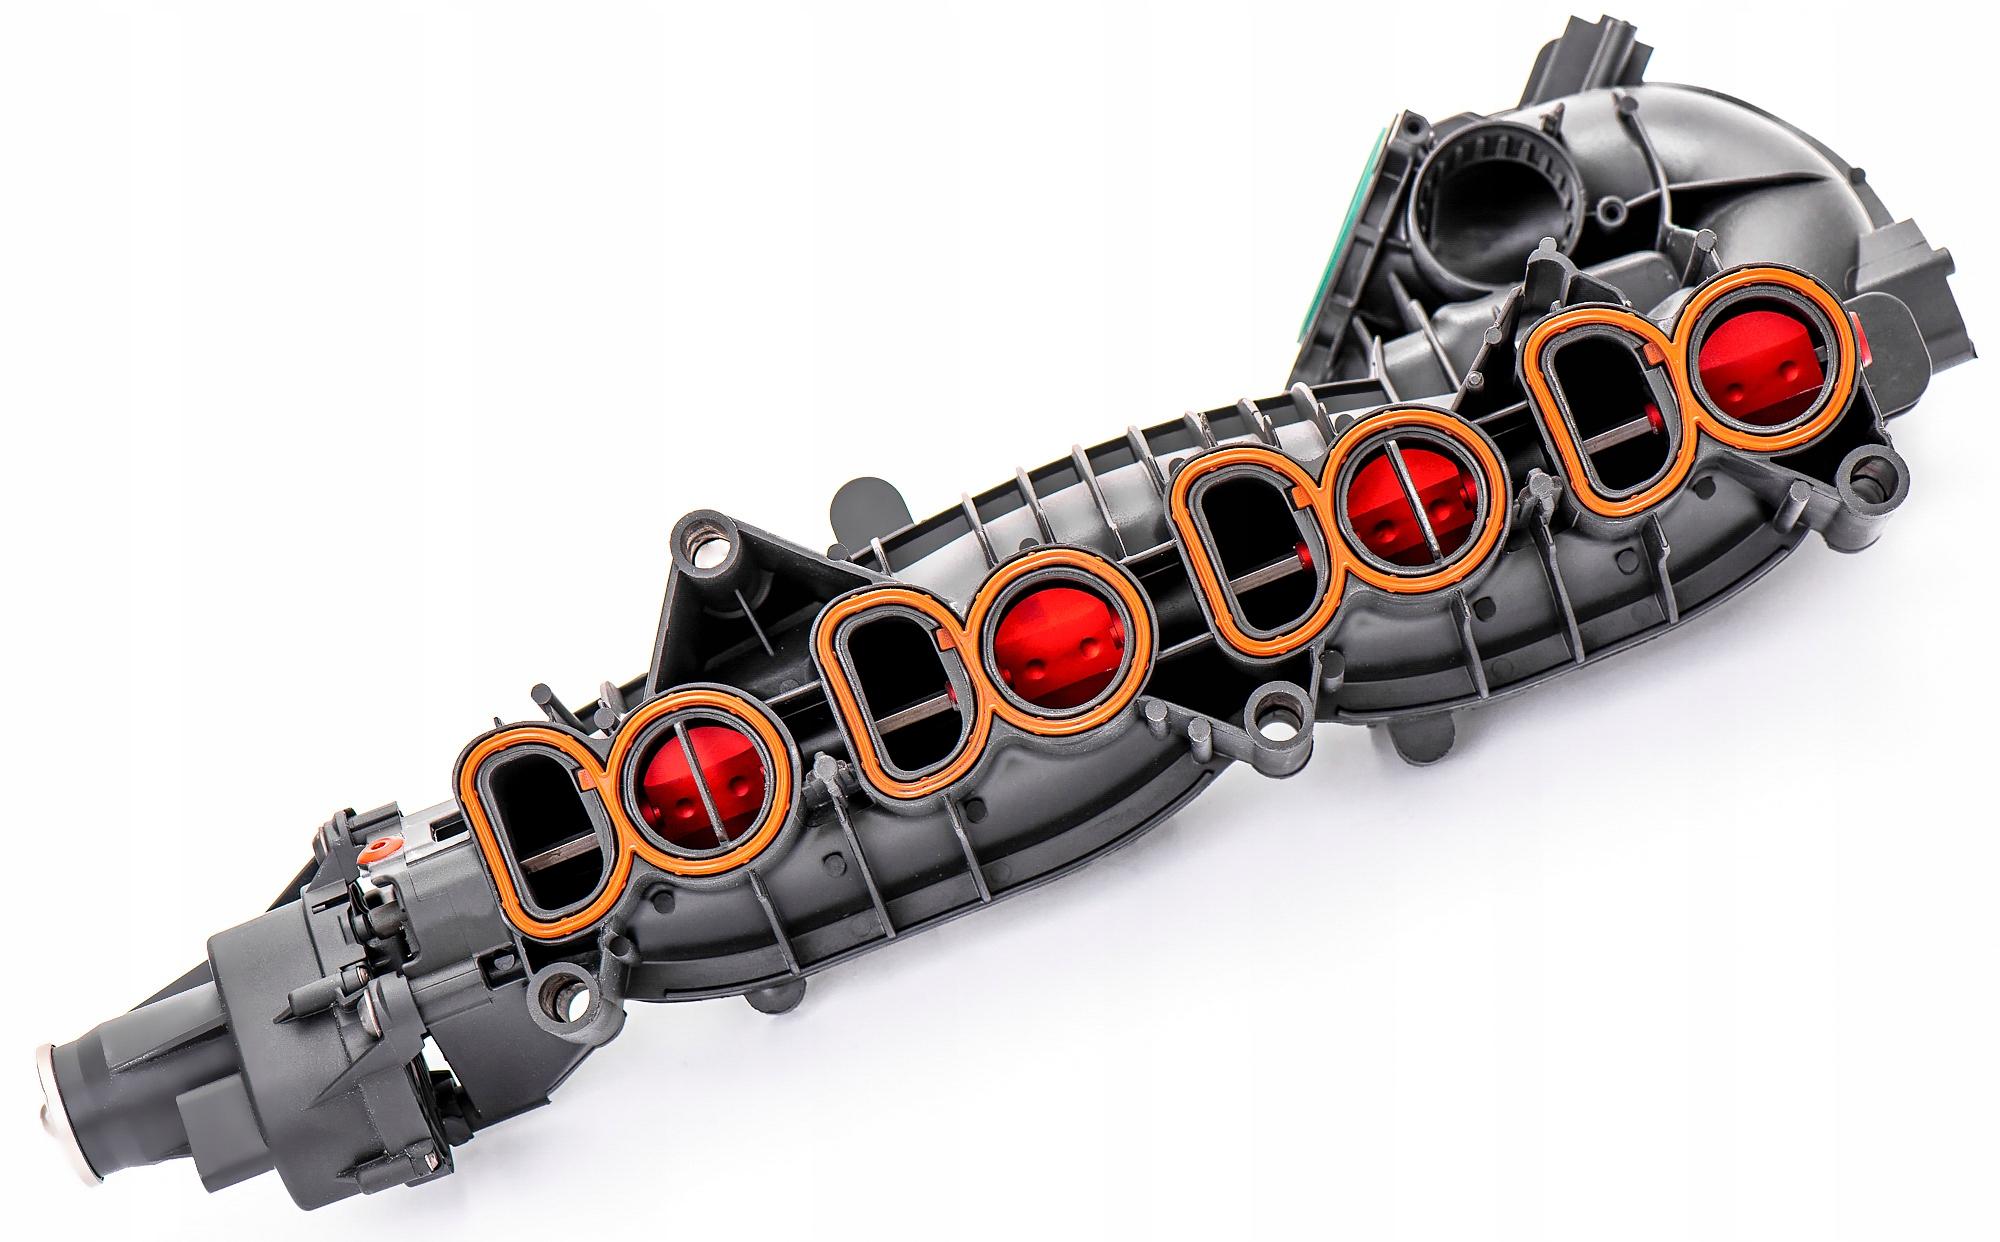 коллектор всасывающий bmw e60 e90 20d n47 усиленный